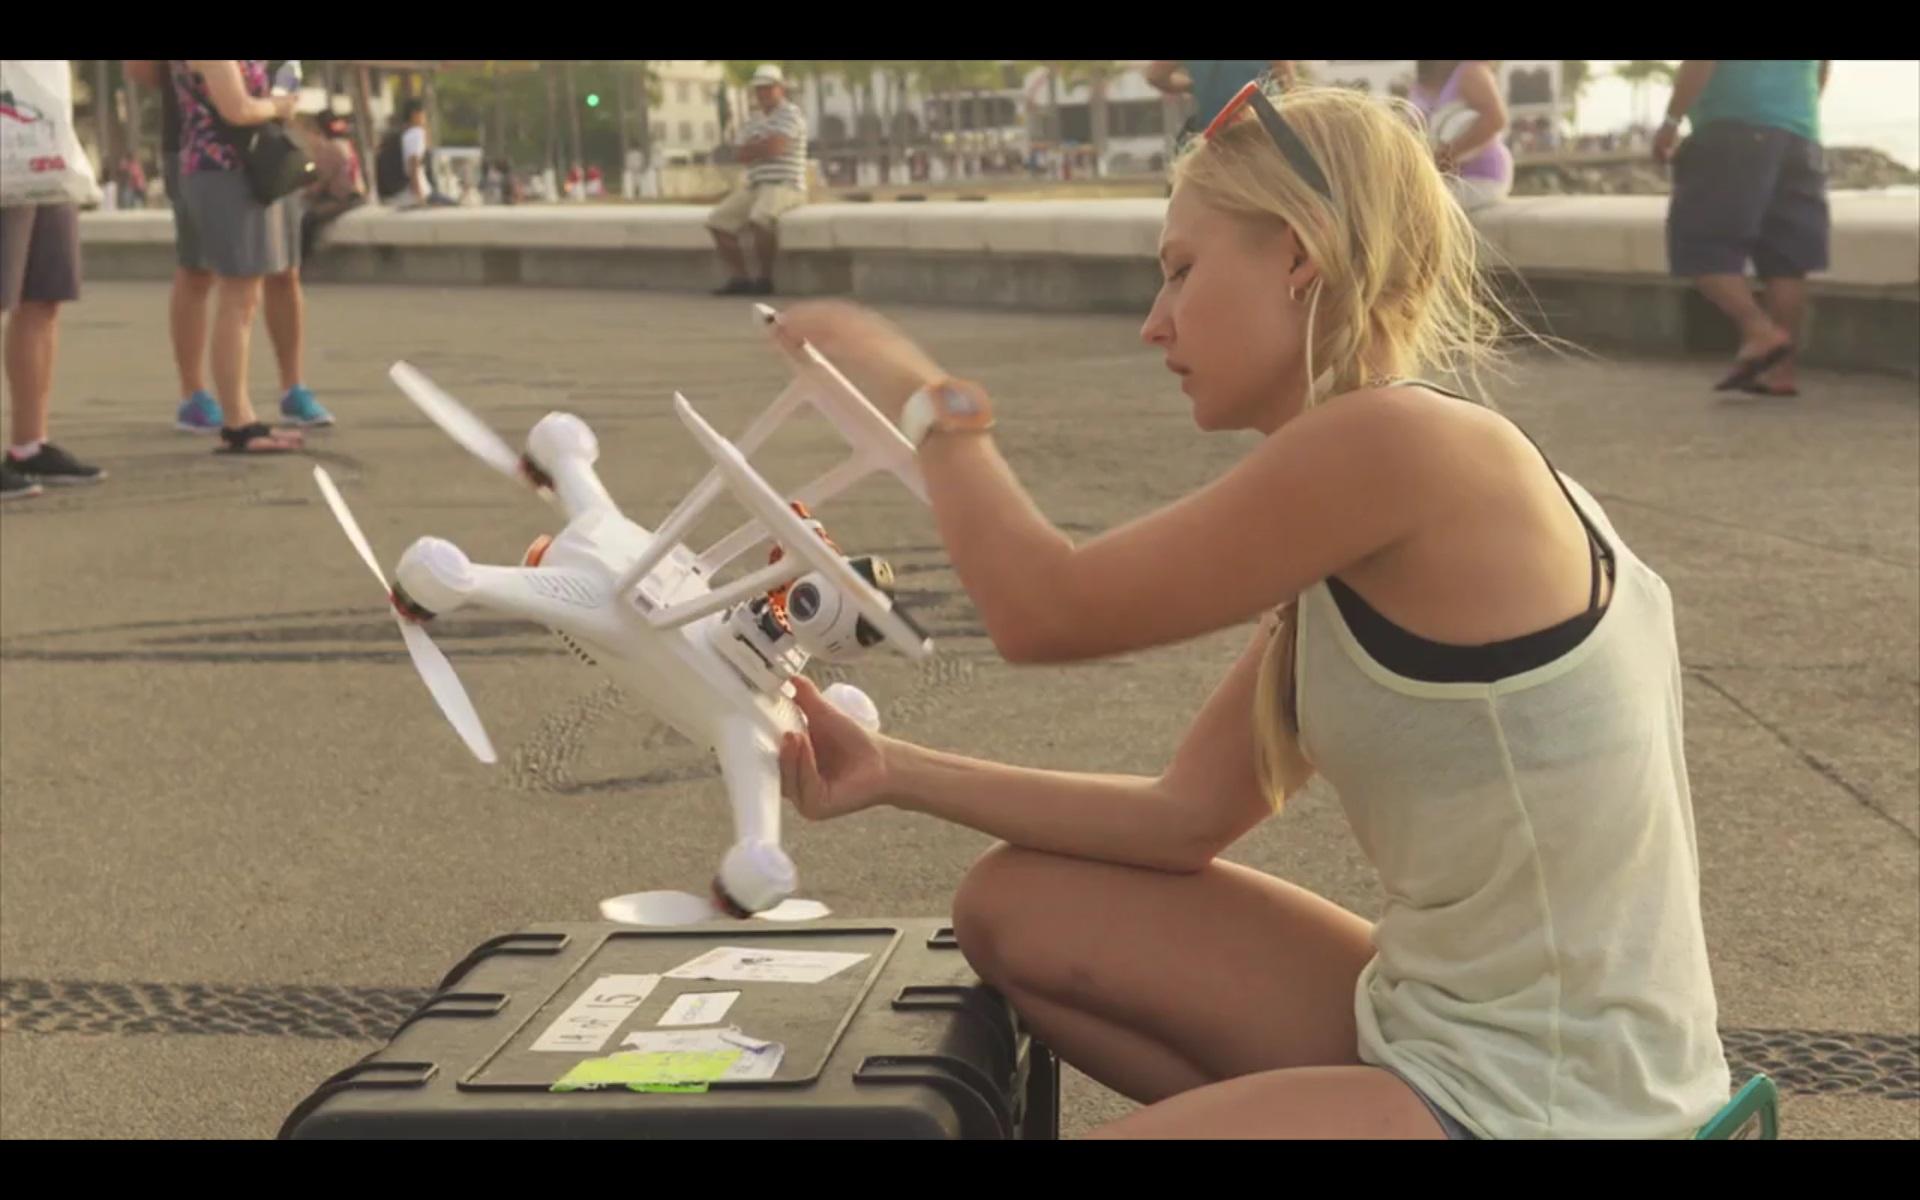 Dani Vierra iz serije 'Droned'